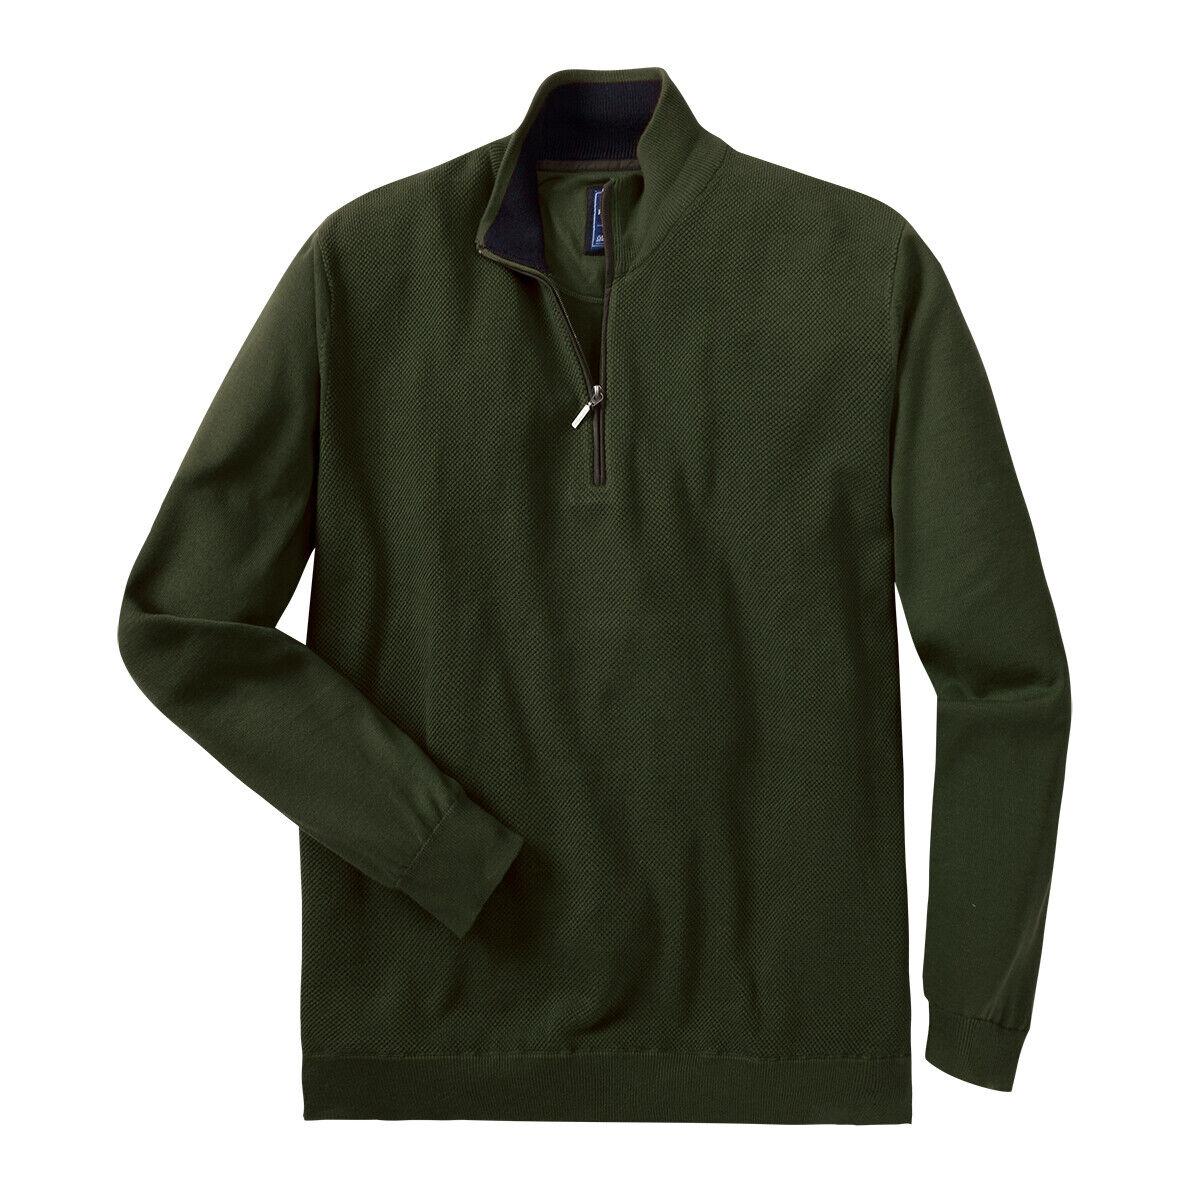 rojomond  punto XXL-Troyer con cremallera en verde oscuro  tienda en linea